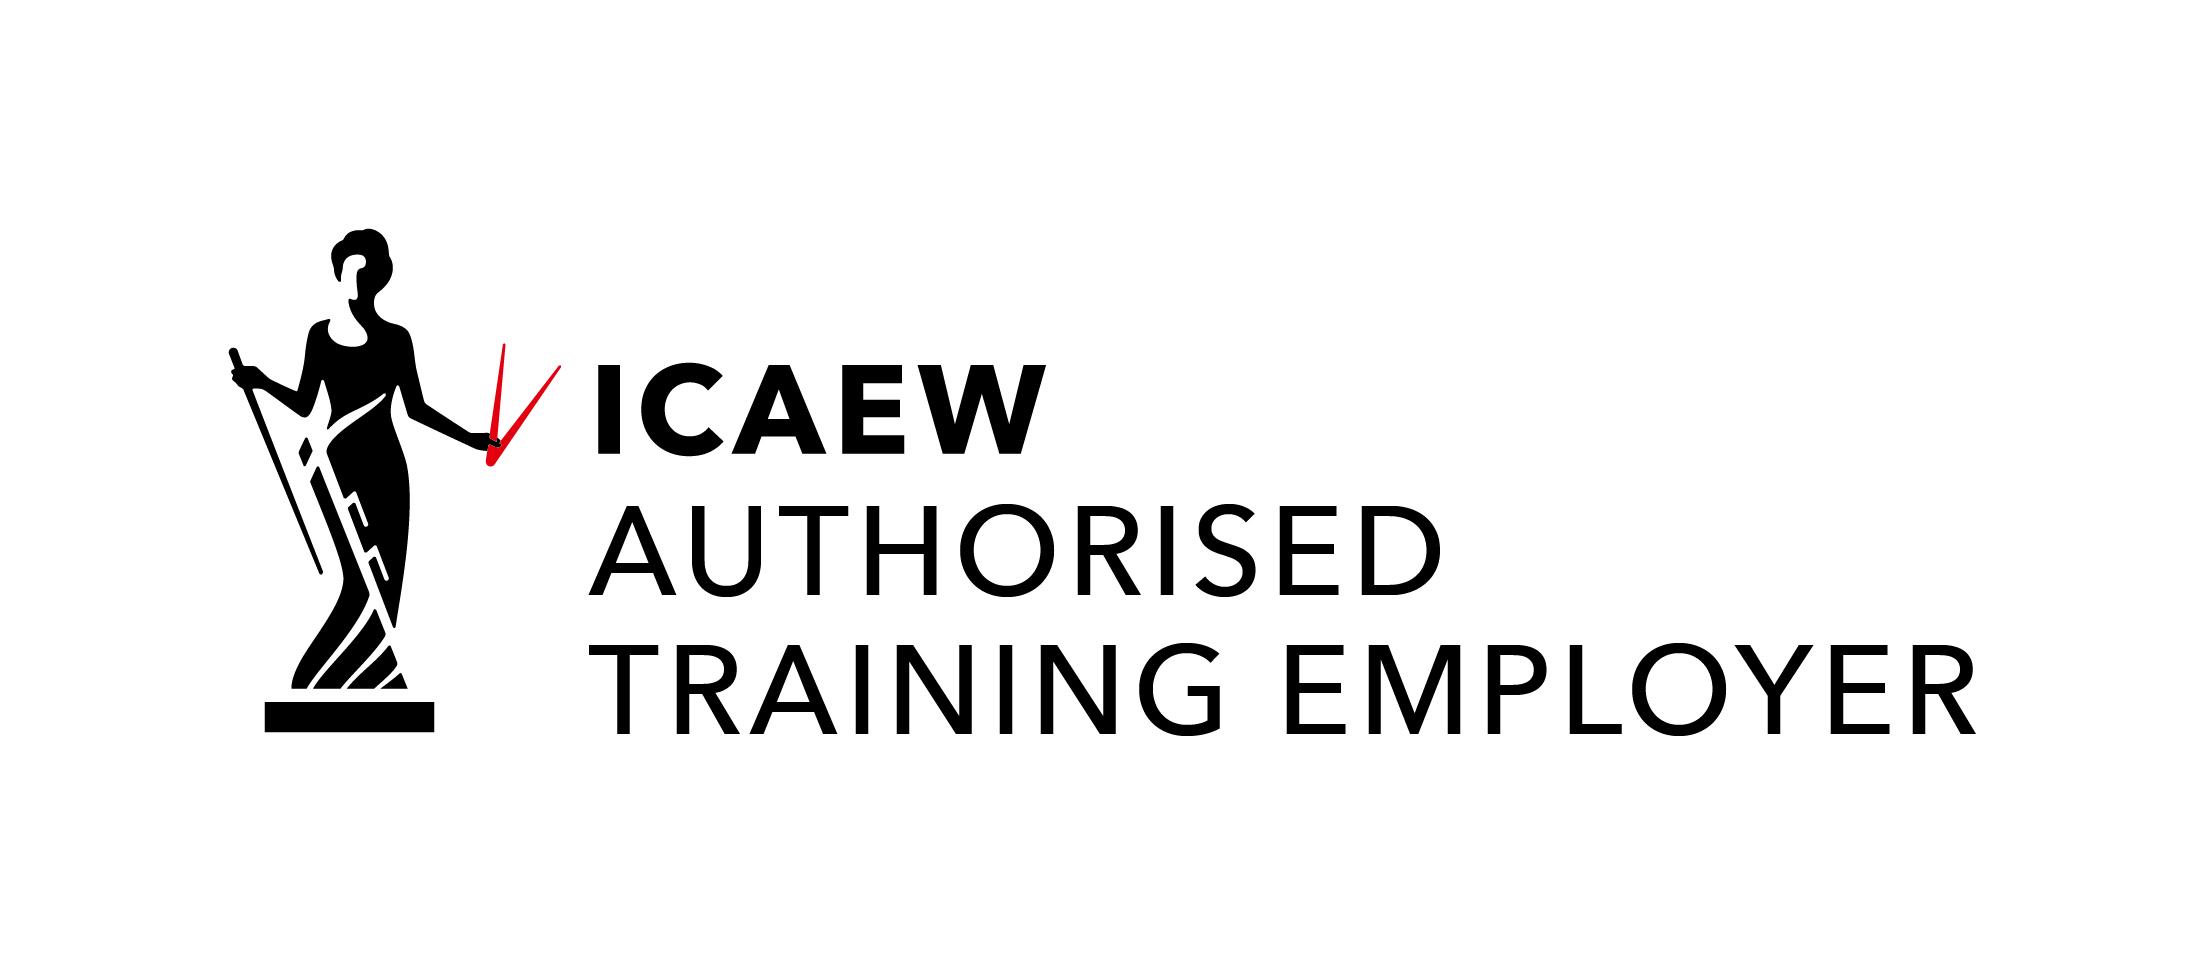 ICAEW_Authorised_Training_Employer_UK_BLK